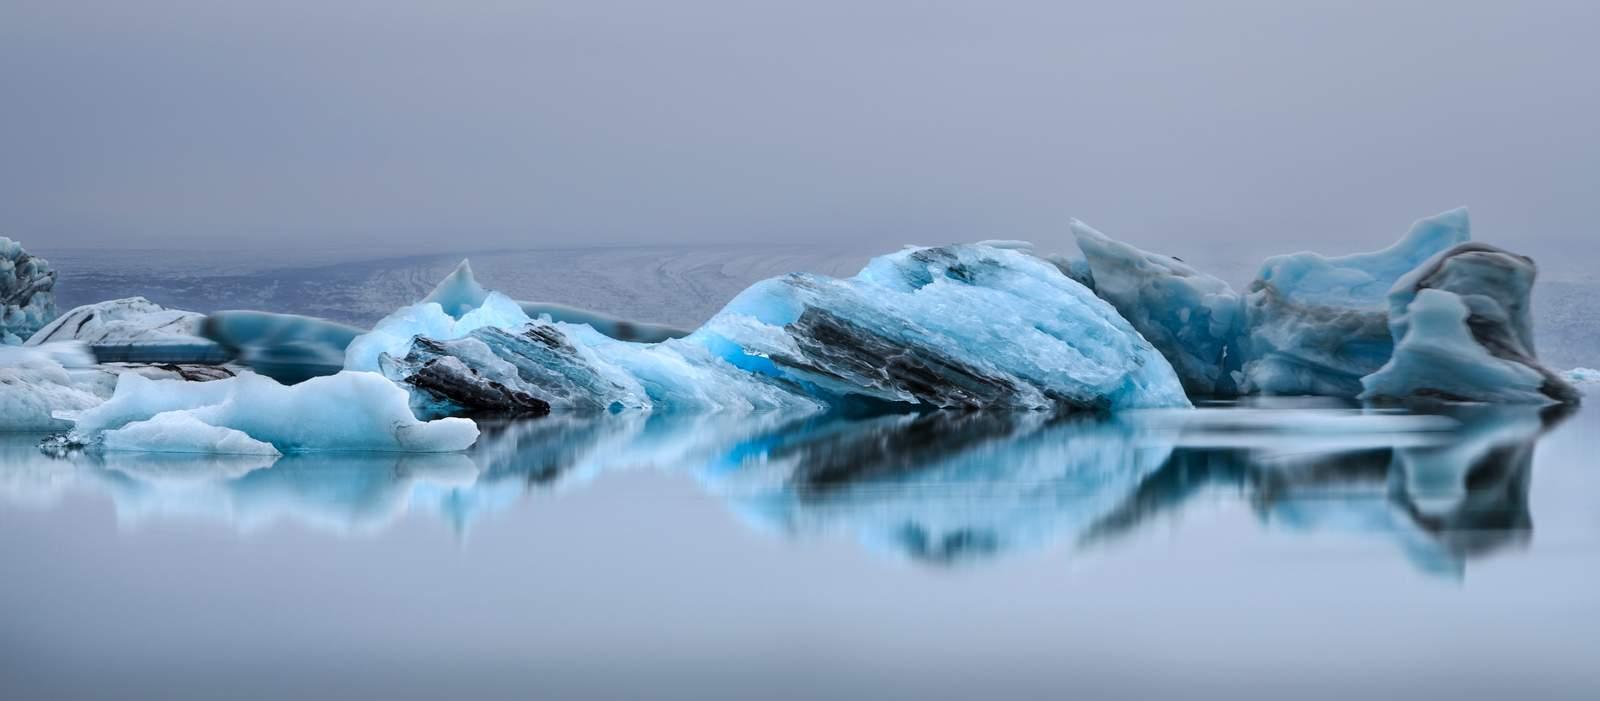 Gletschersee Jökulsarion